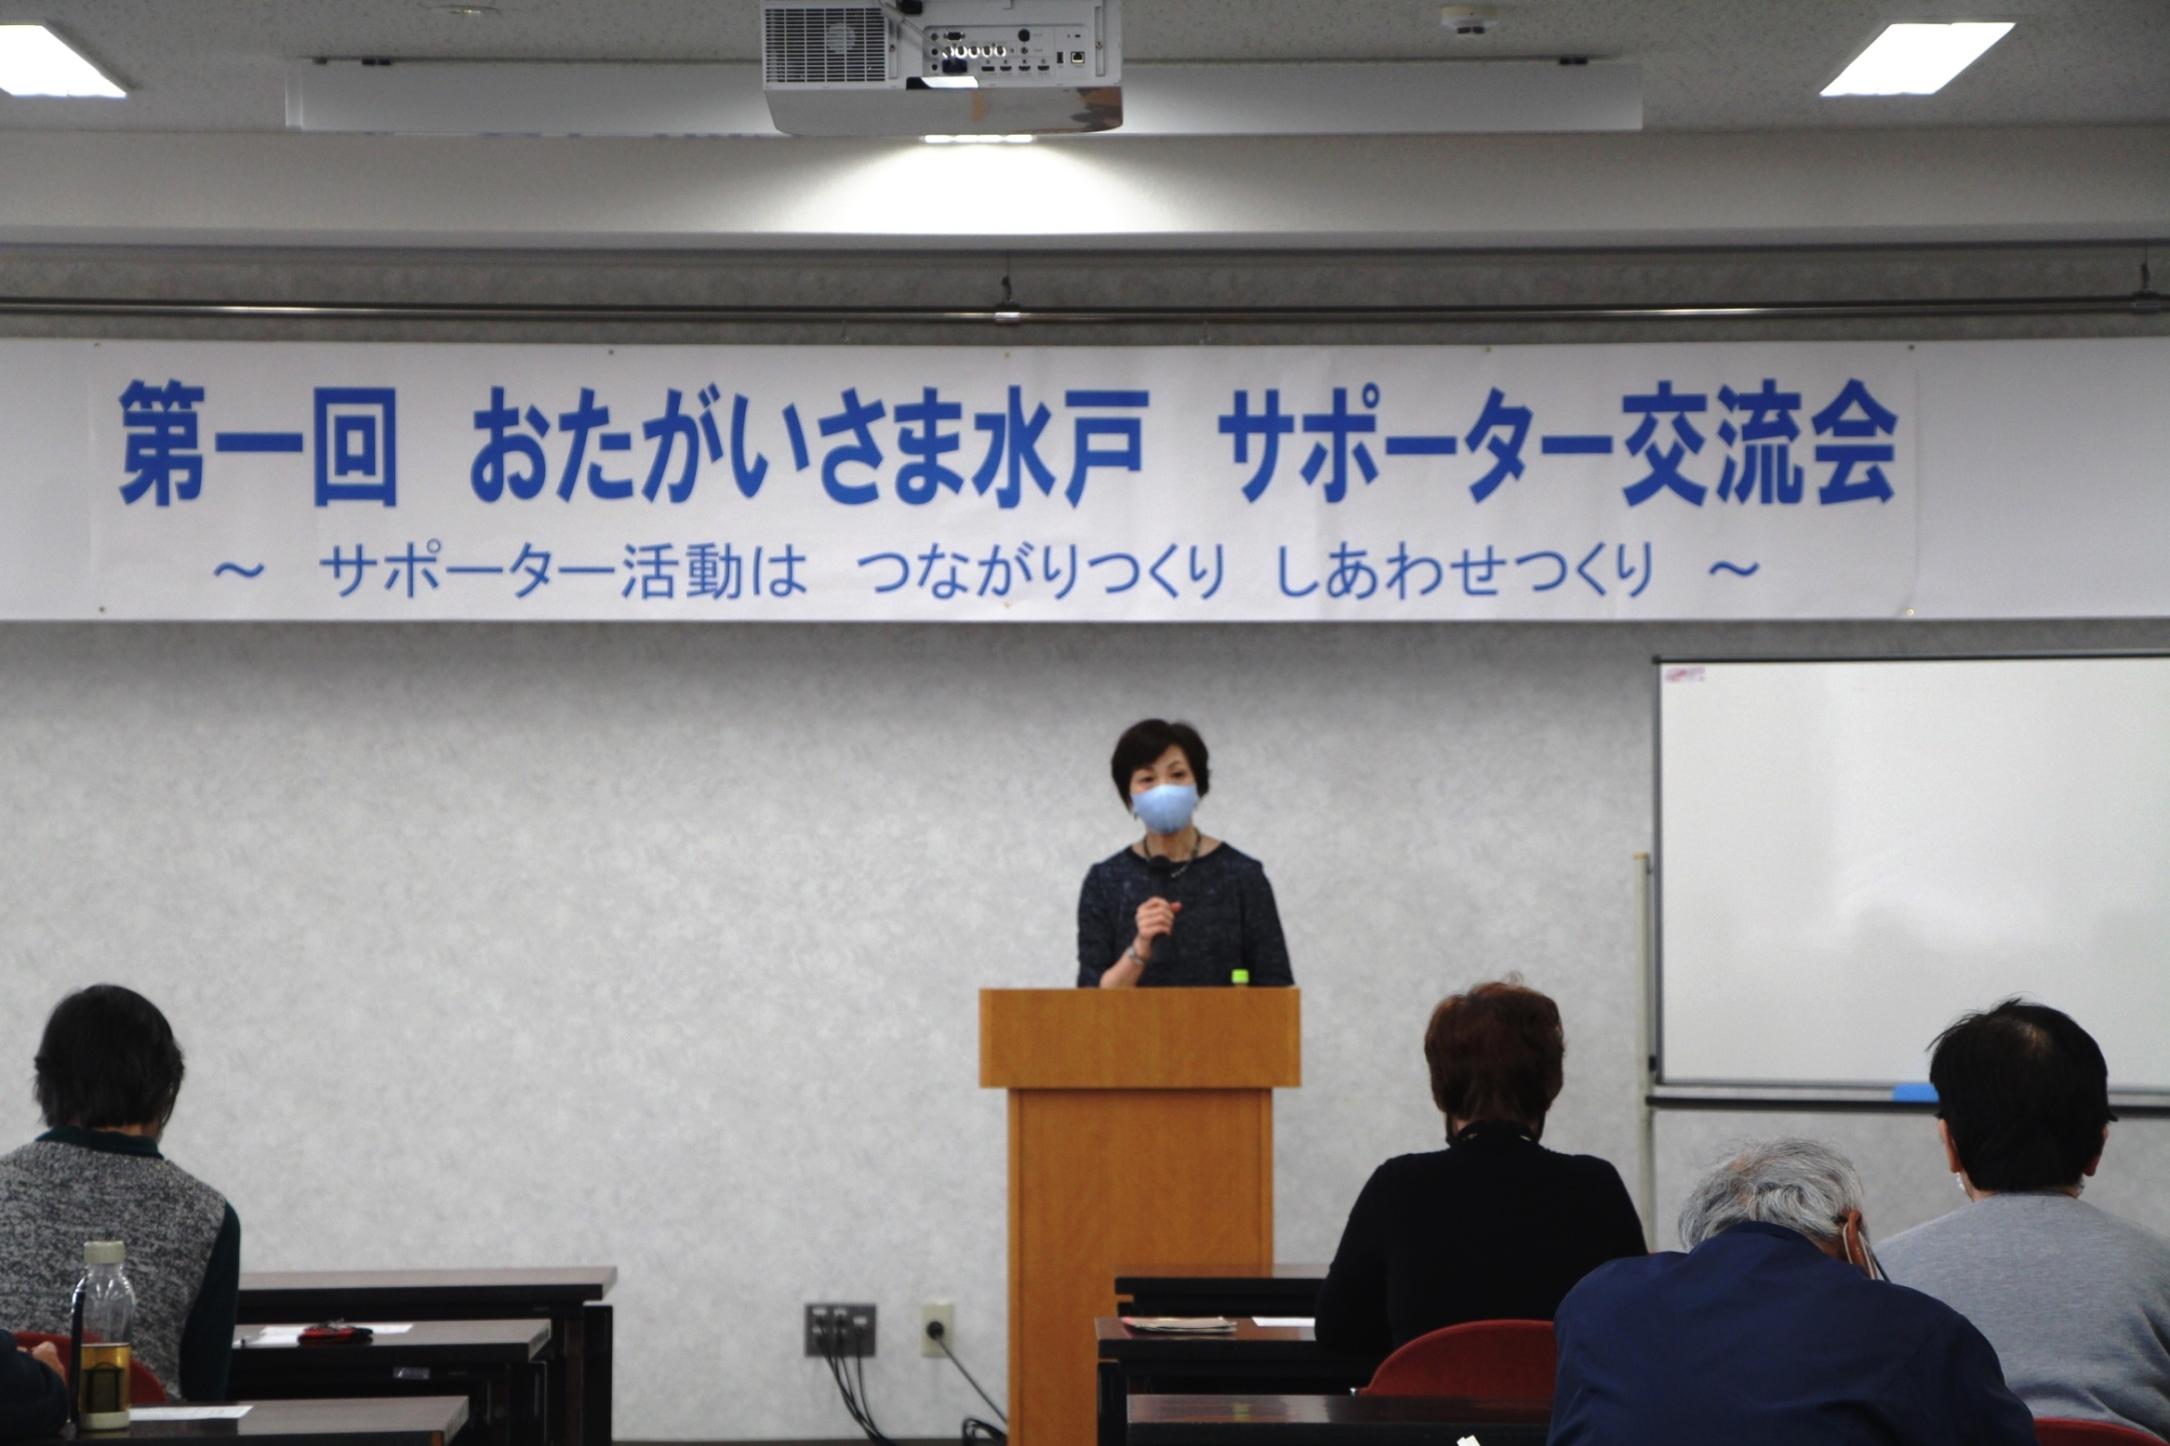 「第1回サポーター交流会」を開催しました。